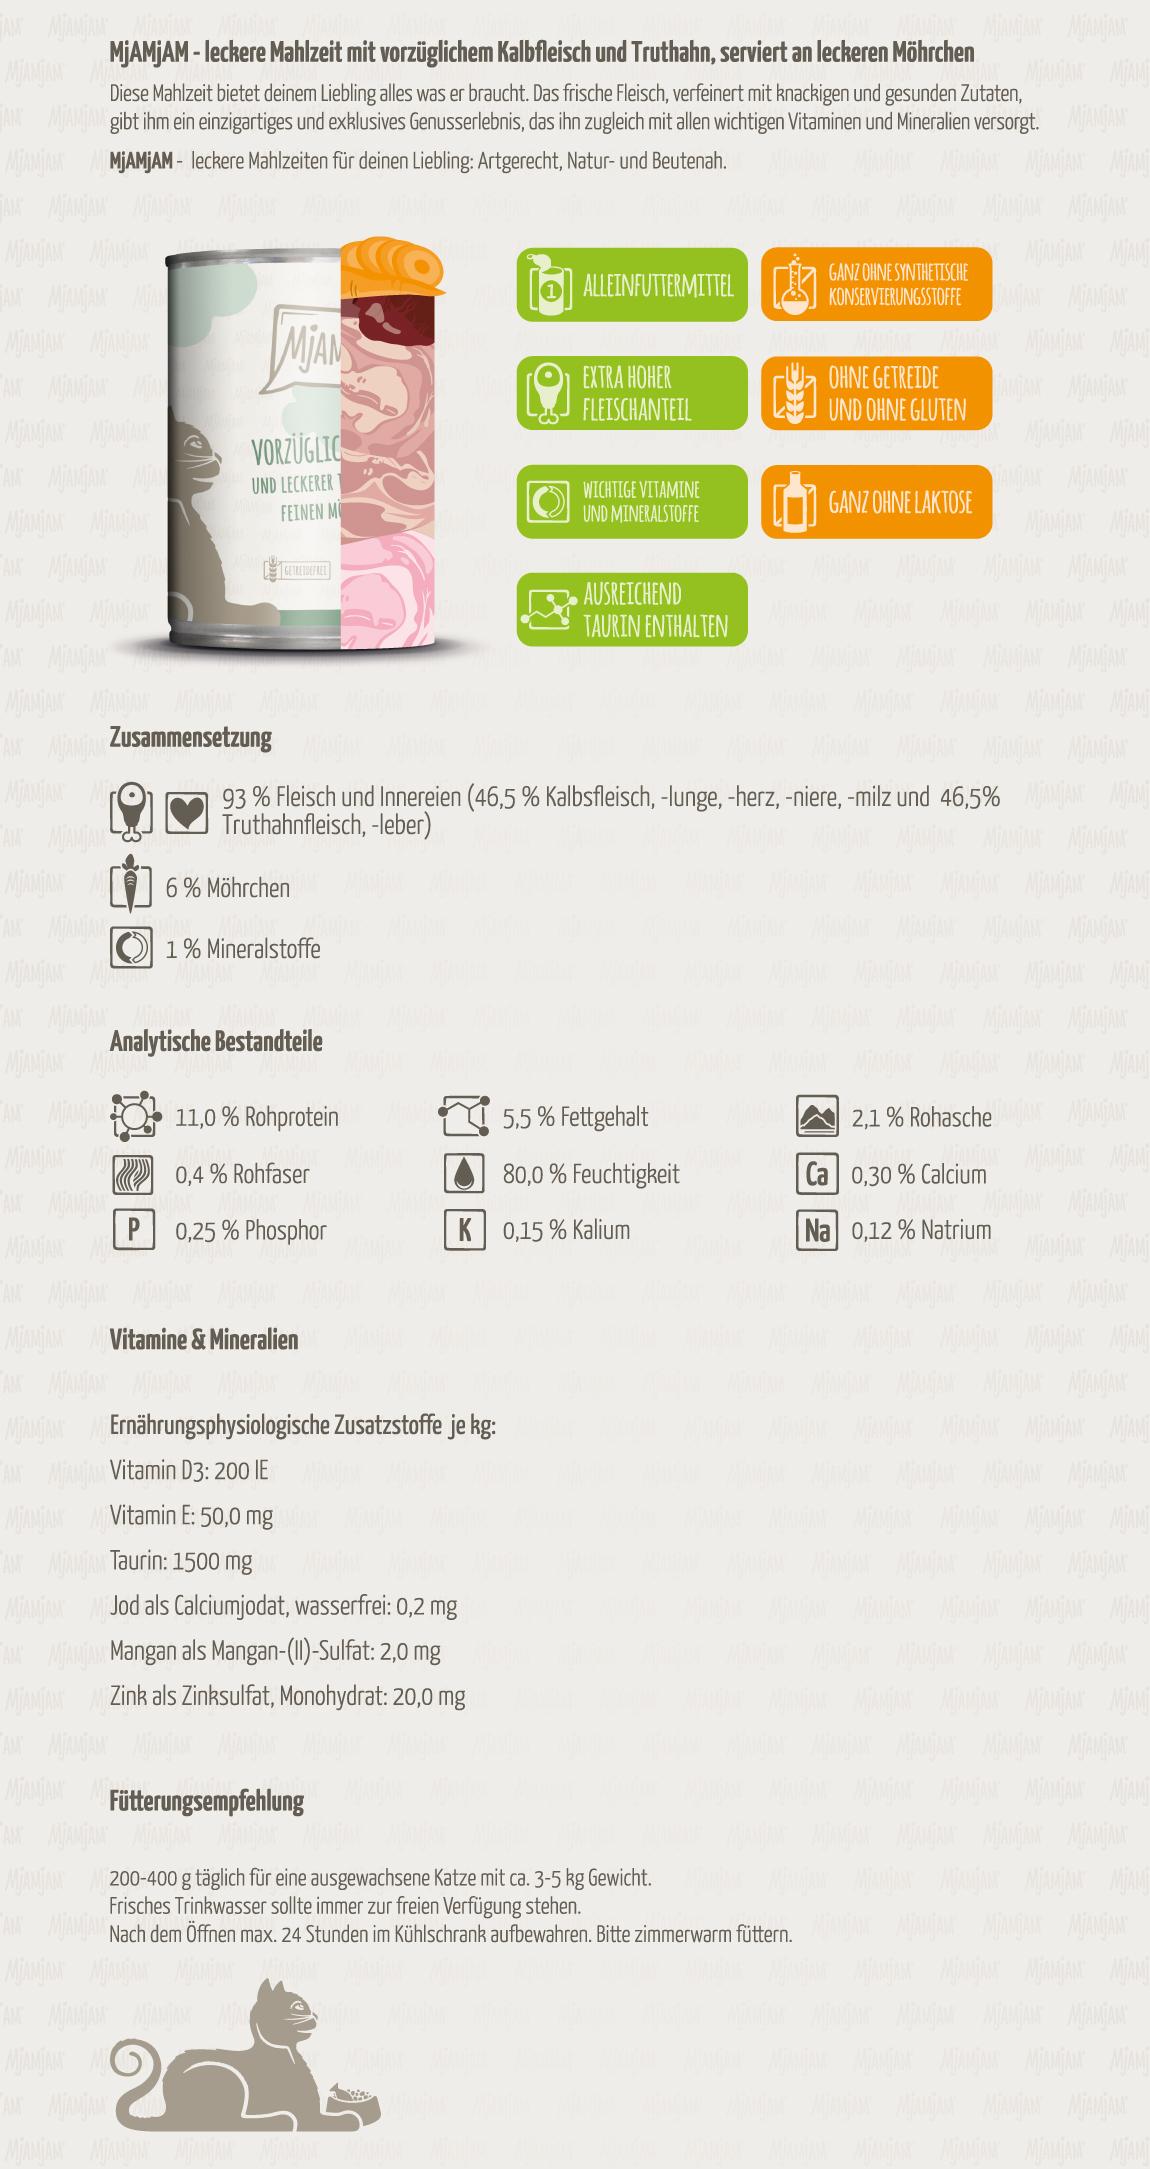 Mjamjam_Produktbeschreibung_Katze_Vorzuegliches-KalbgY8MF961FJWtg